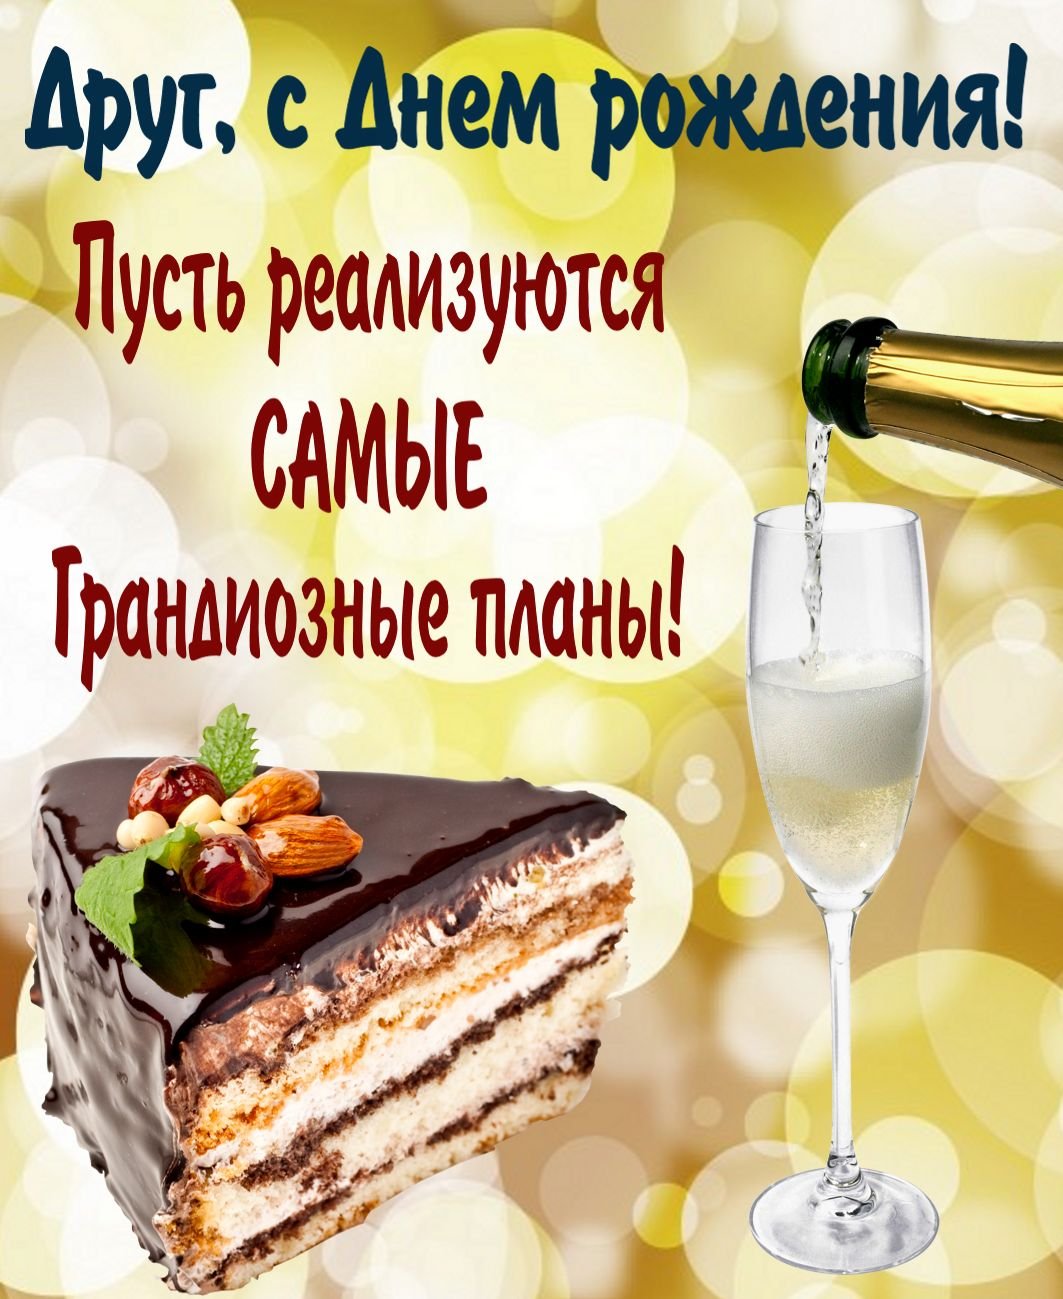 Нлп поздравления с днем рождения